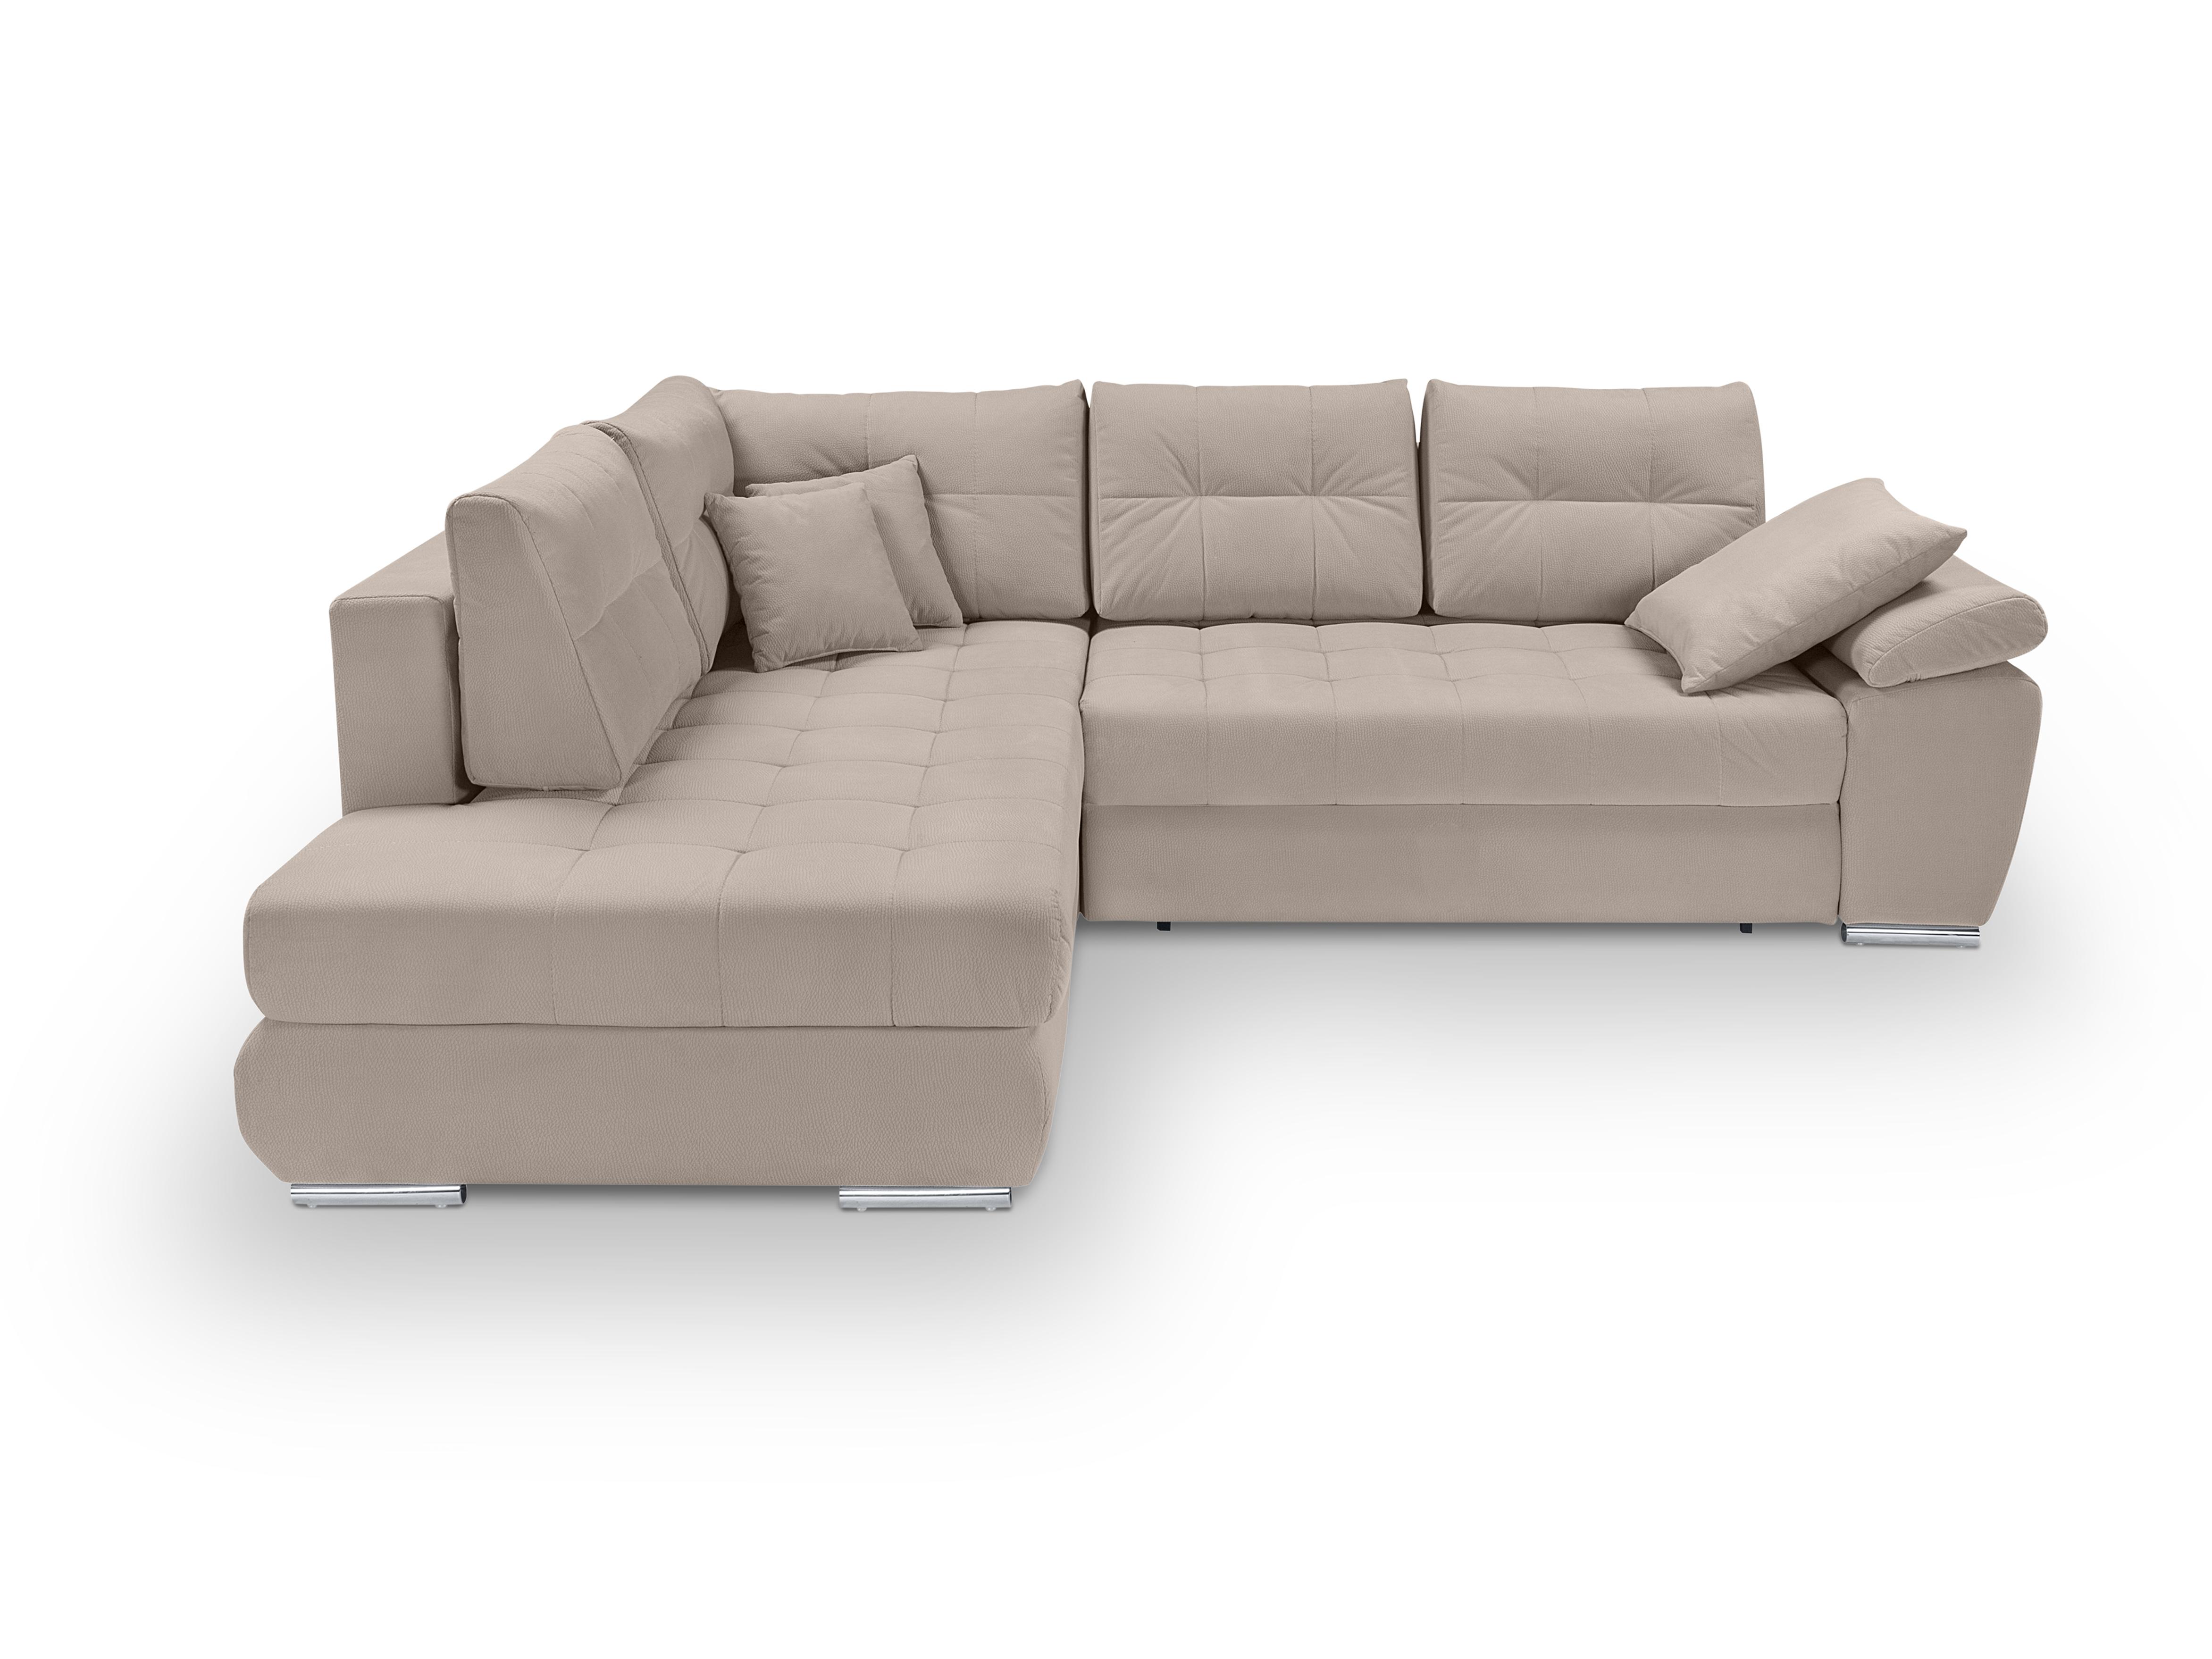 Rohová sedací souprava - BRW - Carl Lux 3DL.RECBK (béžová) (L)